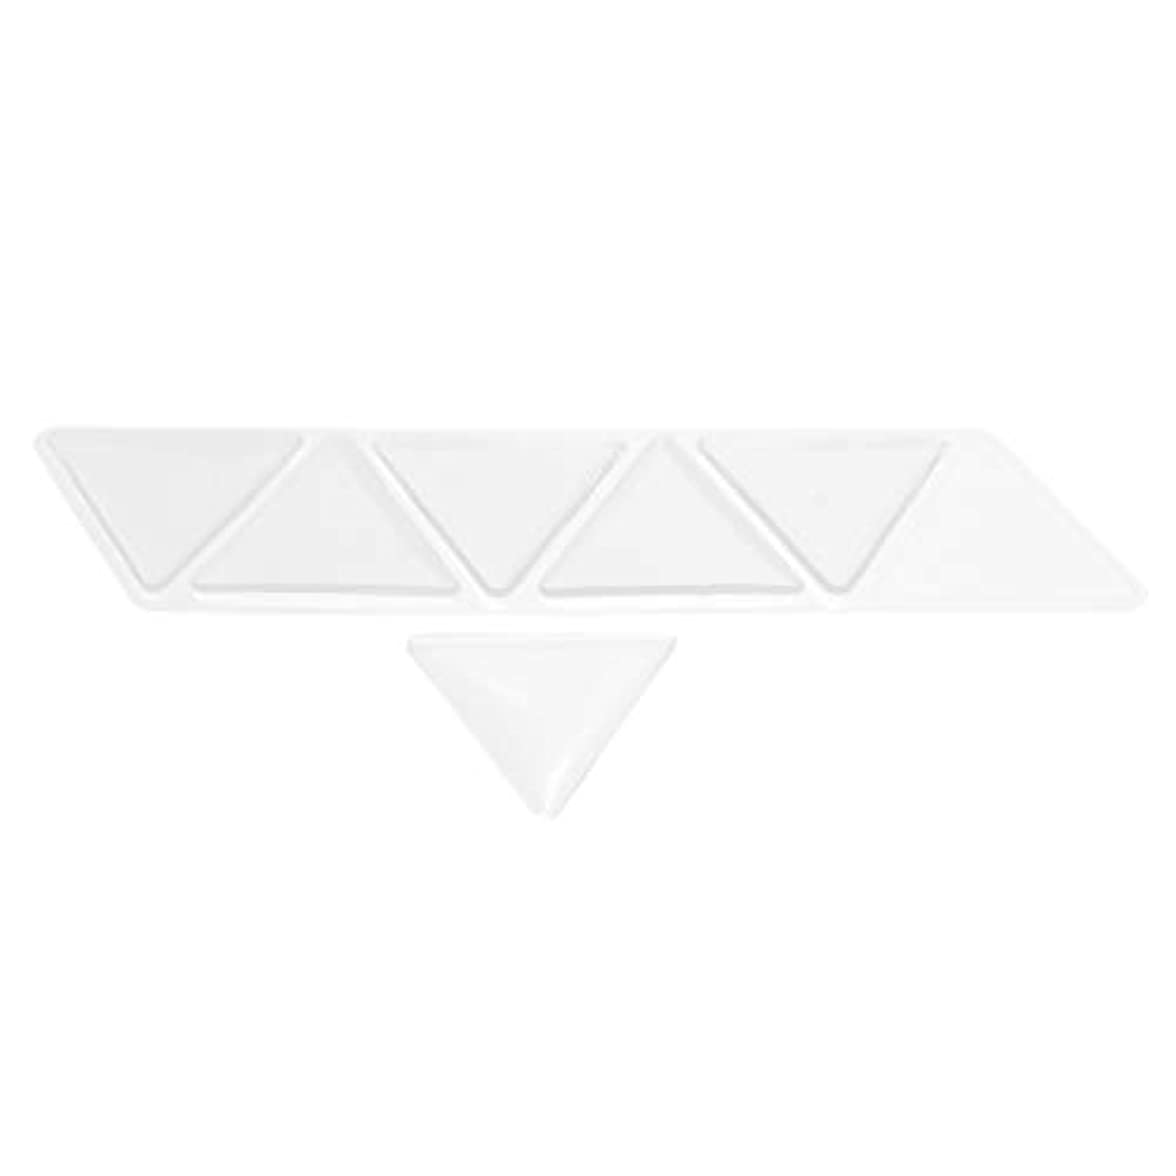 電気の怒る安全性Hellery 額パッド シリコン 透明 額スキンケア 再利用可能な 目に見えない 三角パッド 6個セット